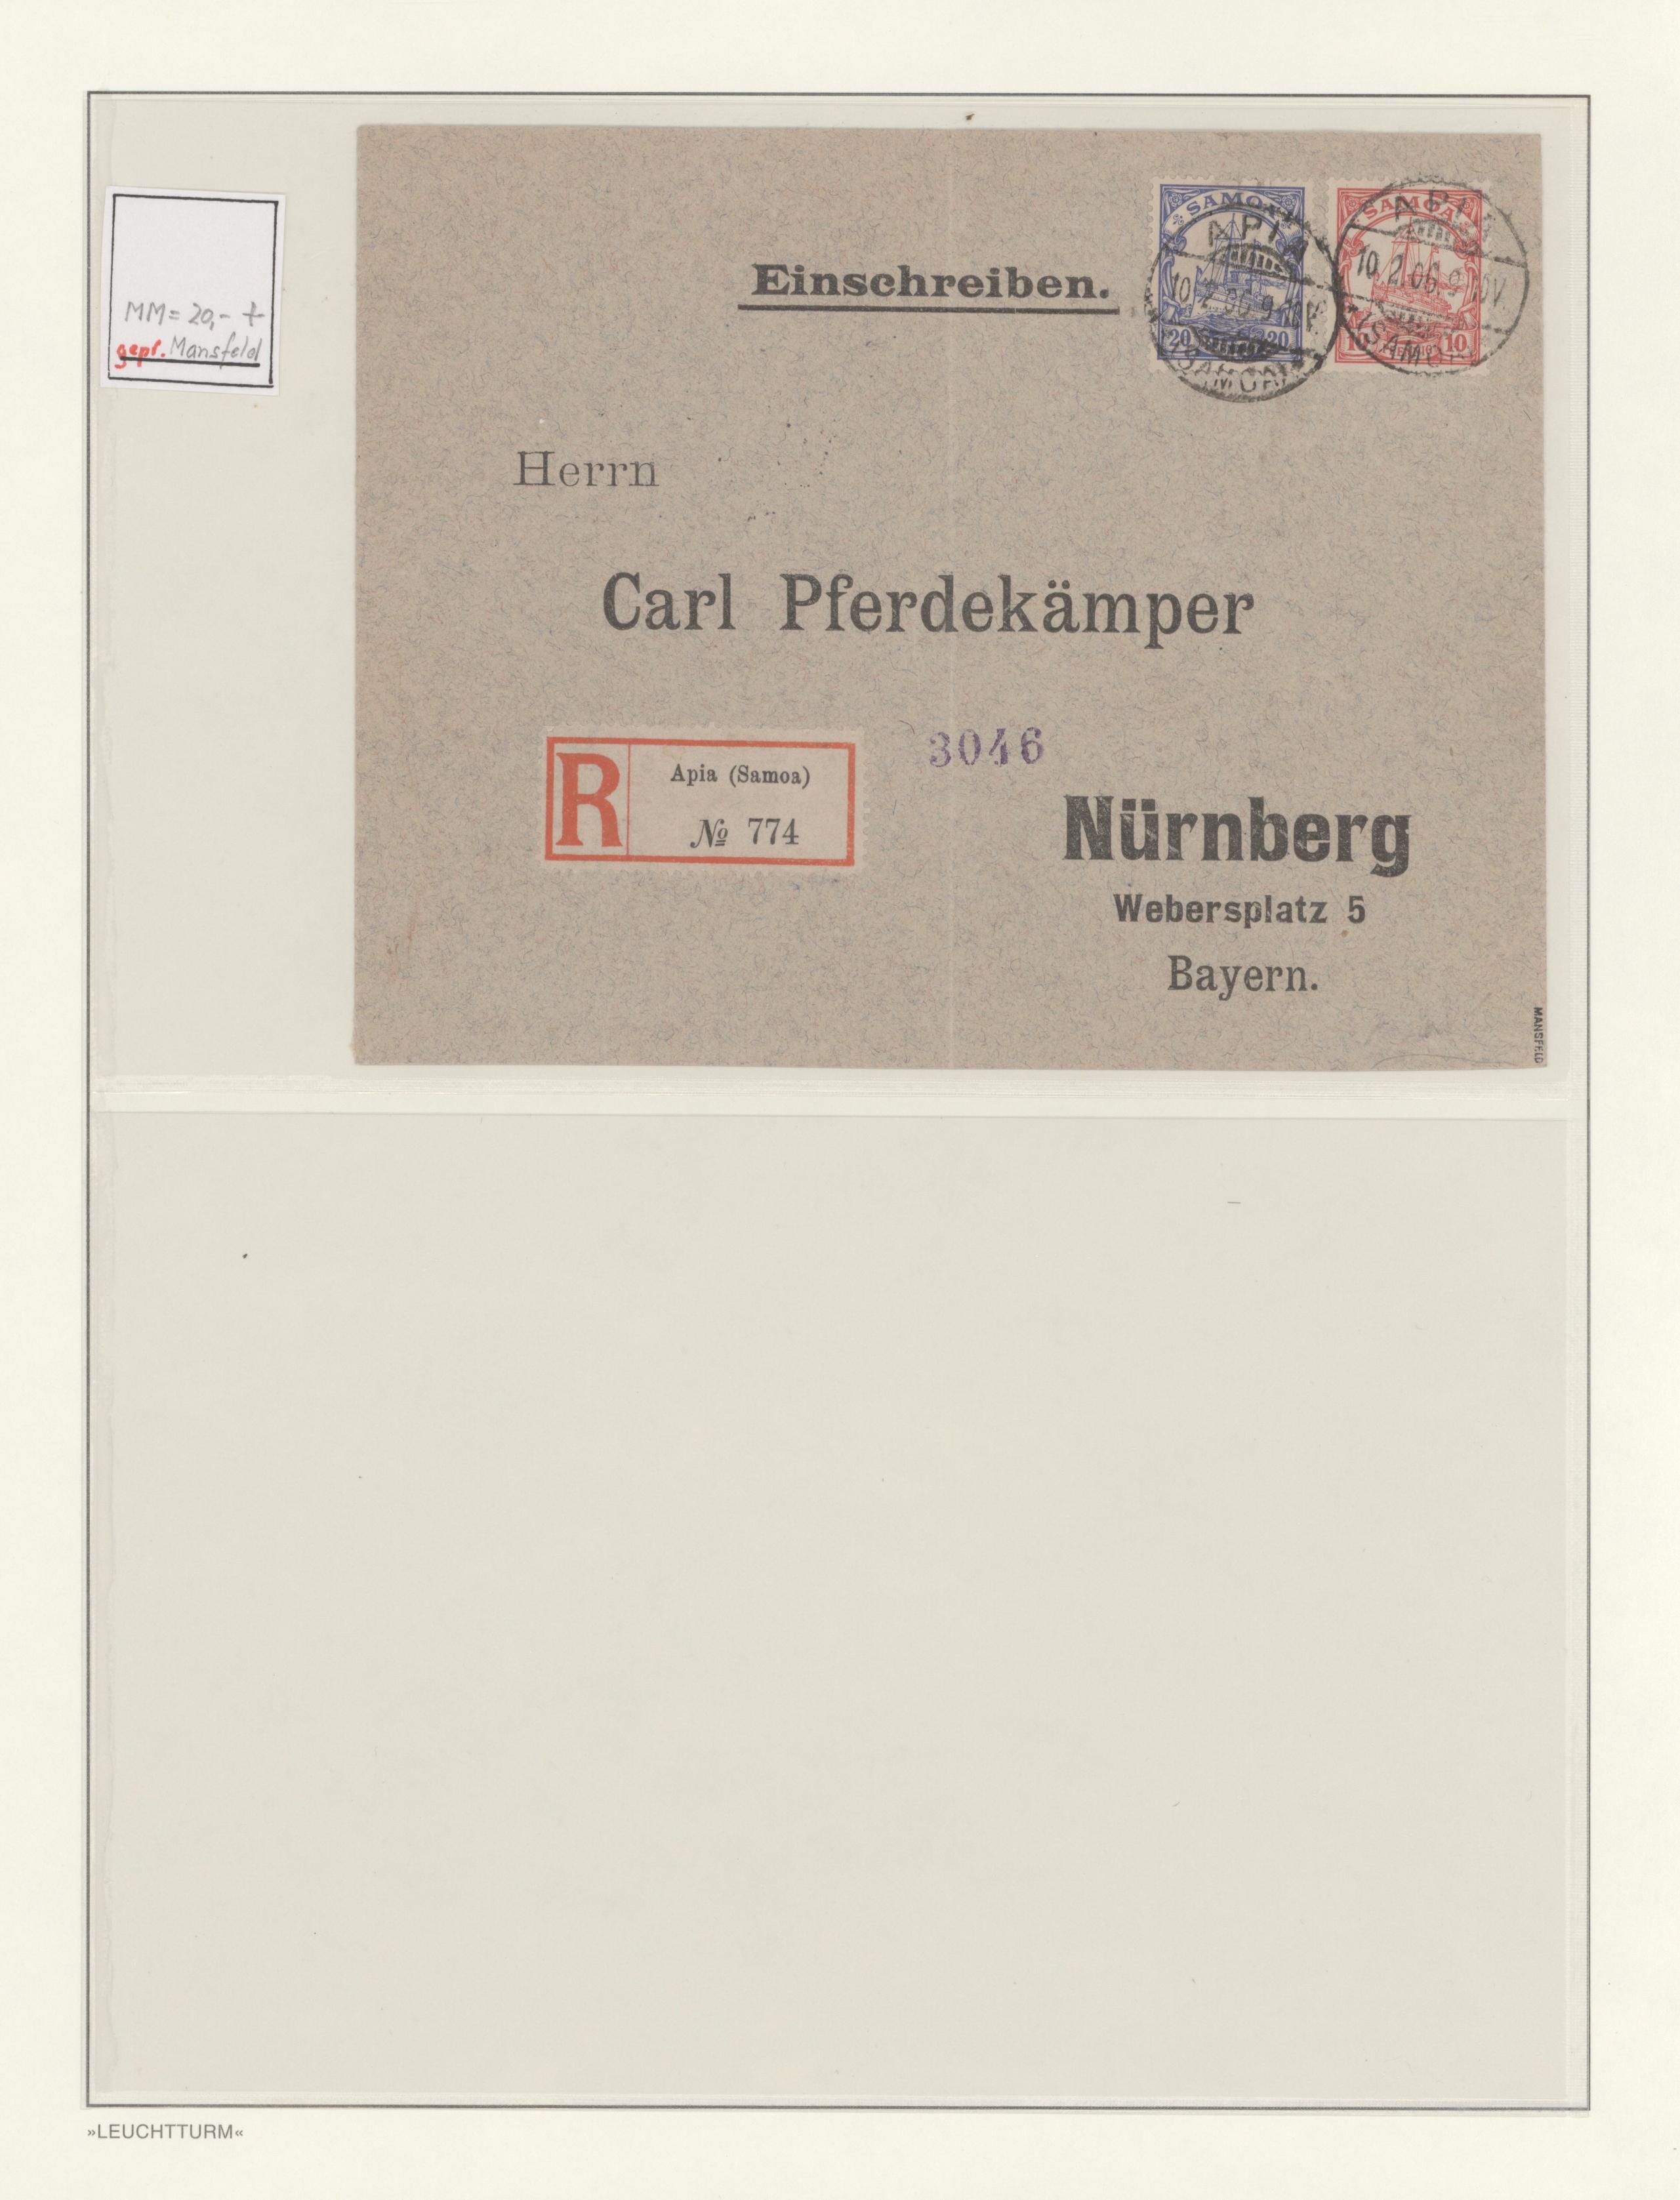 Lot 14695 - Deutsche Kolonien - Samoa  -  Auktionshaus Christoph Gärtner GmbH & Co. KG 51th Auction - Day 5